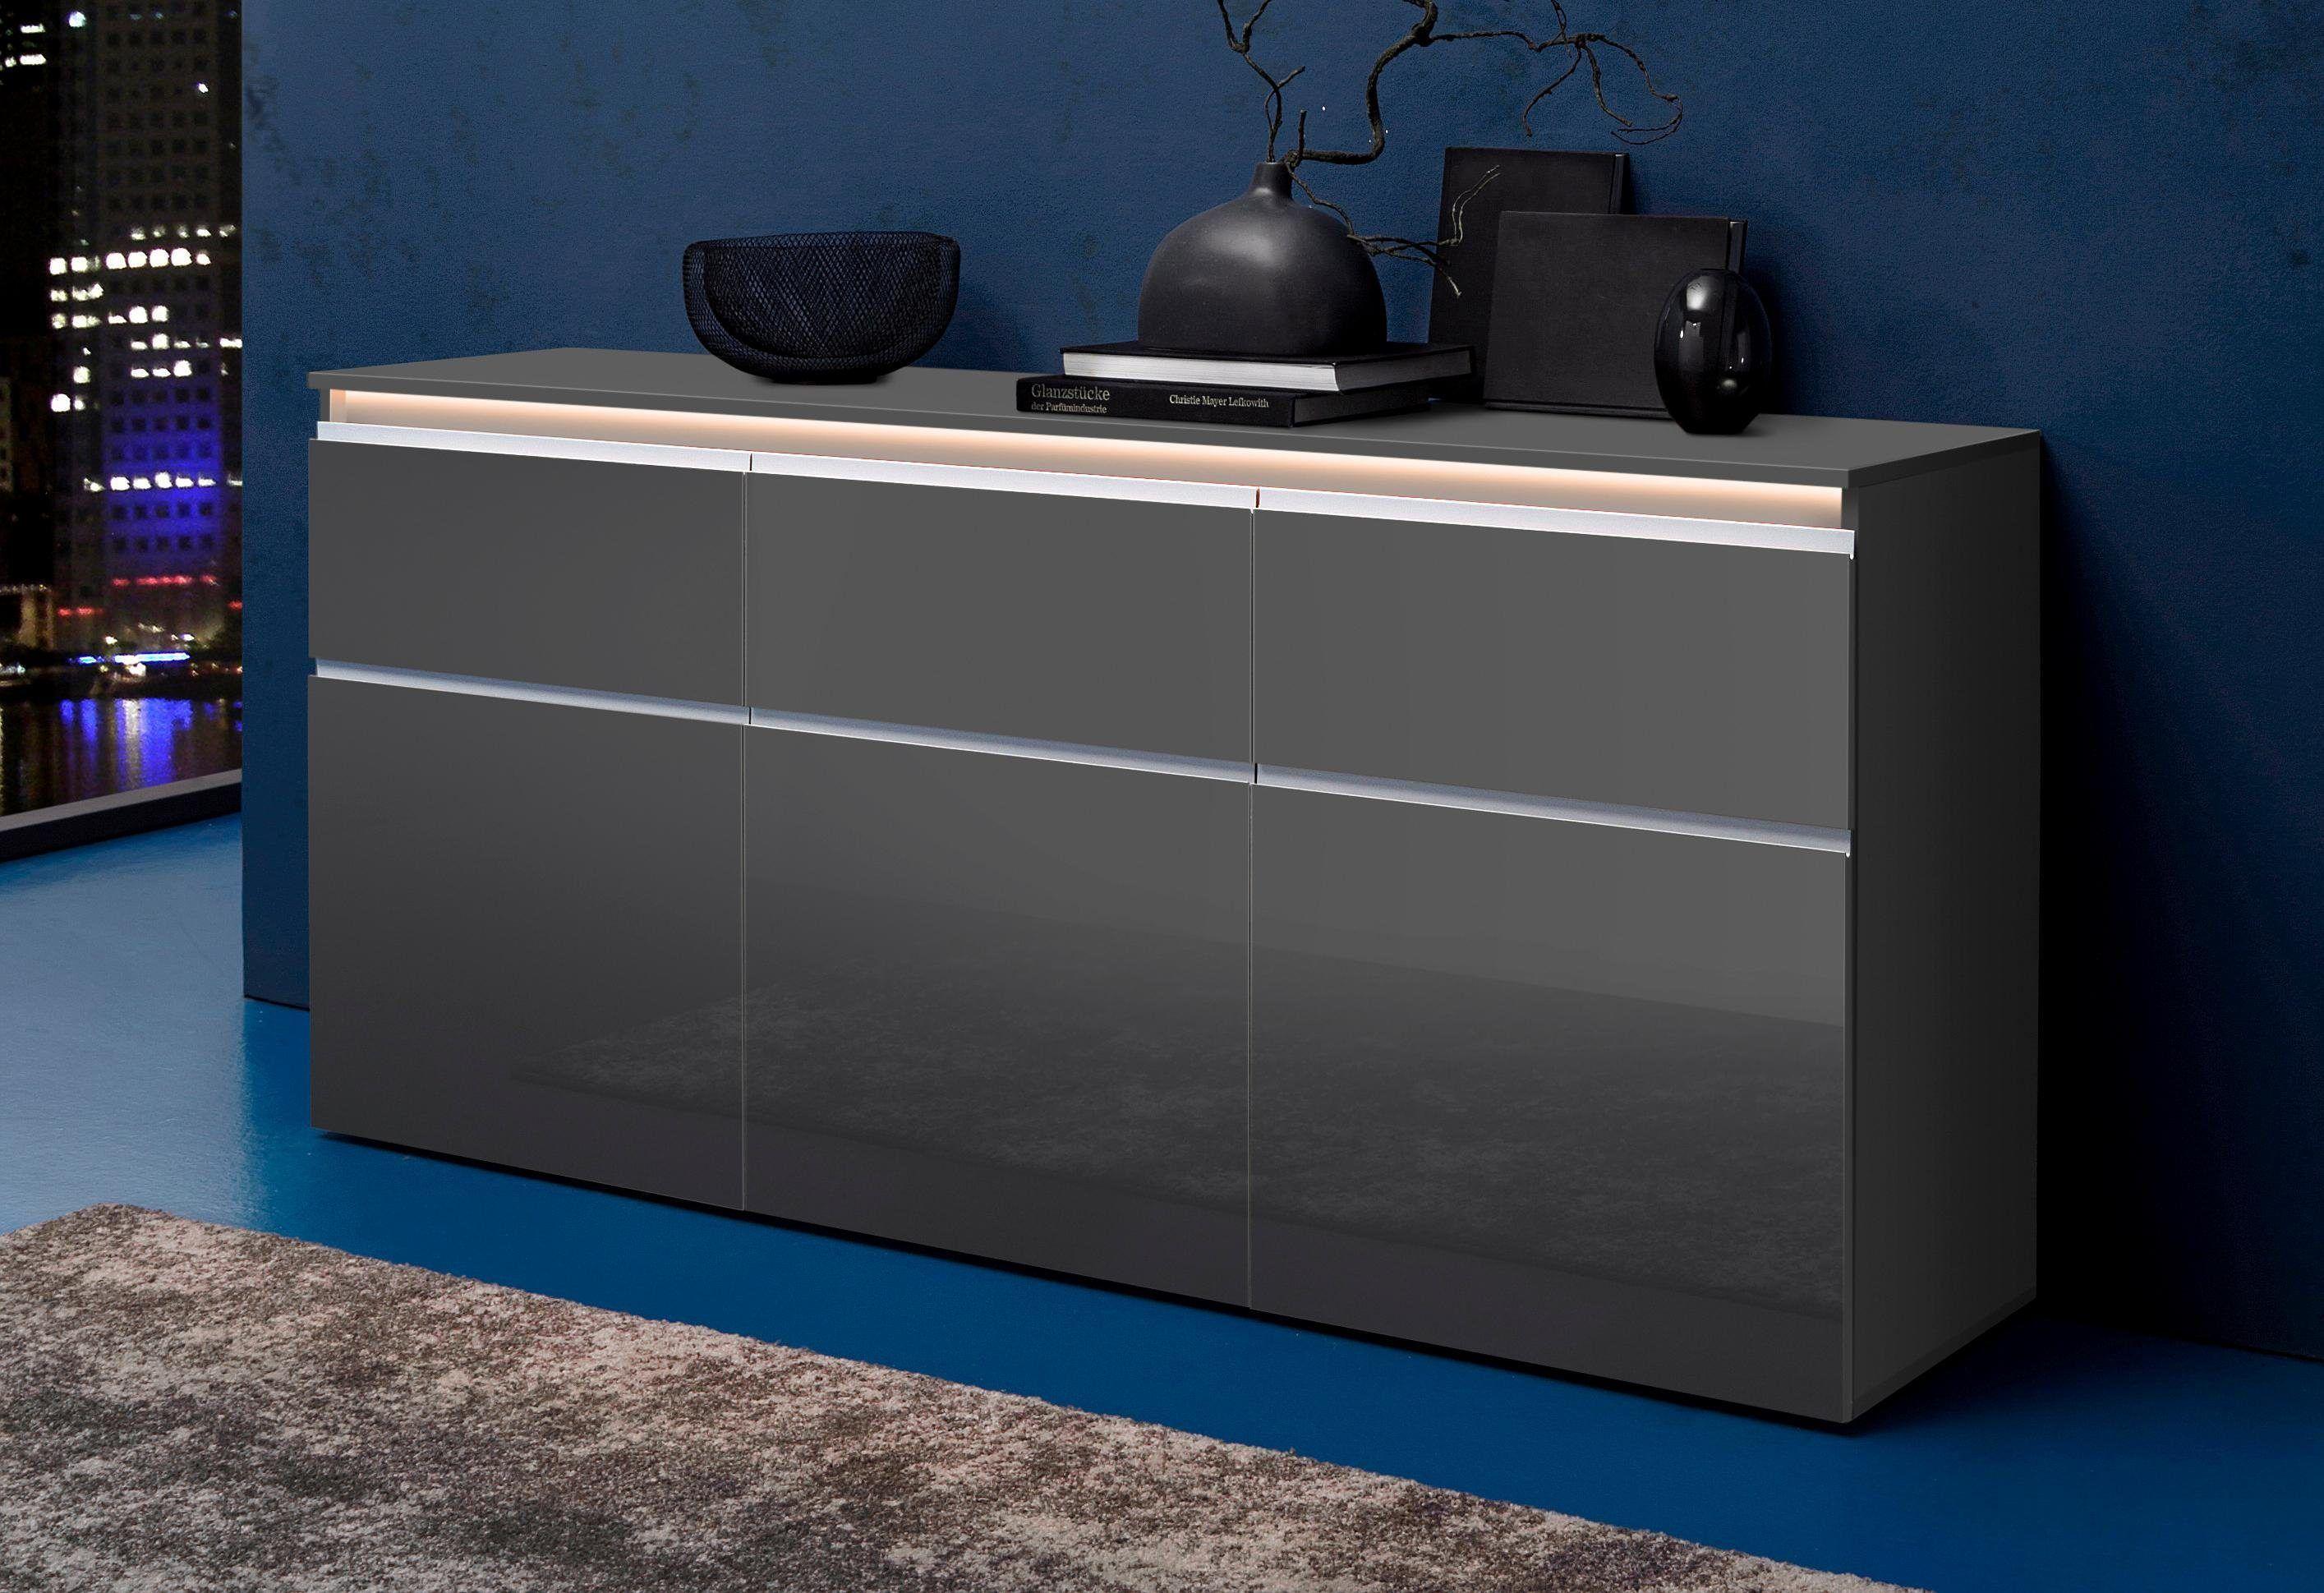 Sideboard Wohnzimmer ~ Tecnos sideboard grau mit schubkästen fsc zertifiziert jetzt